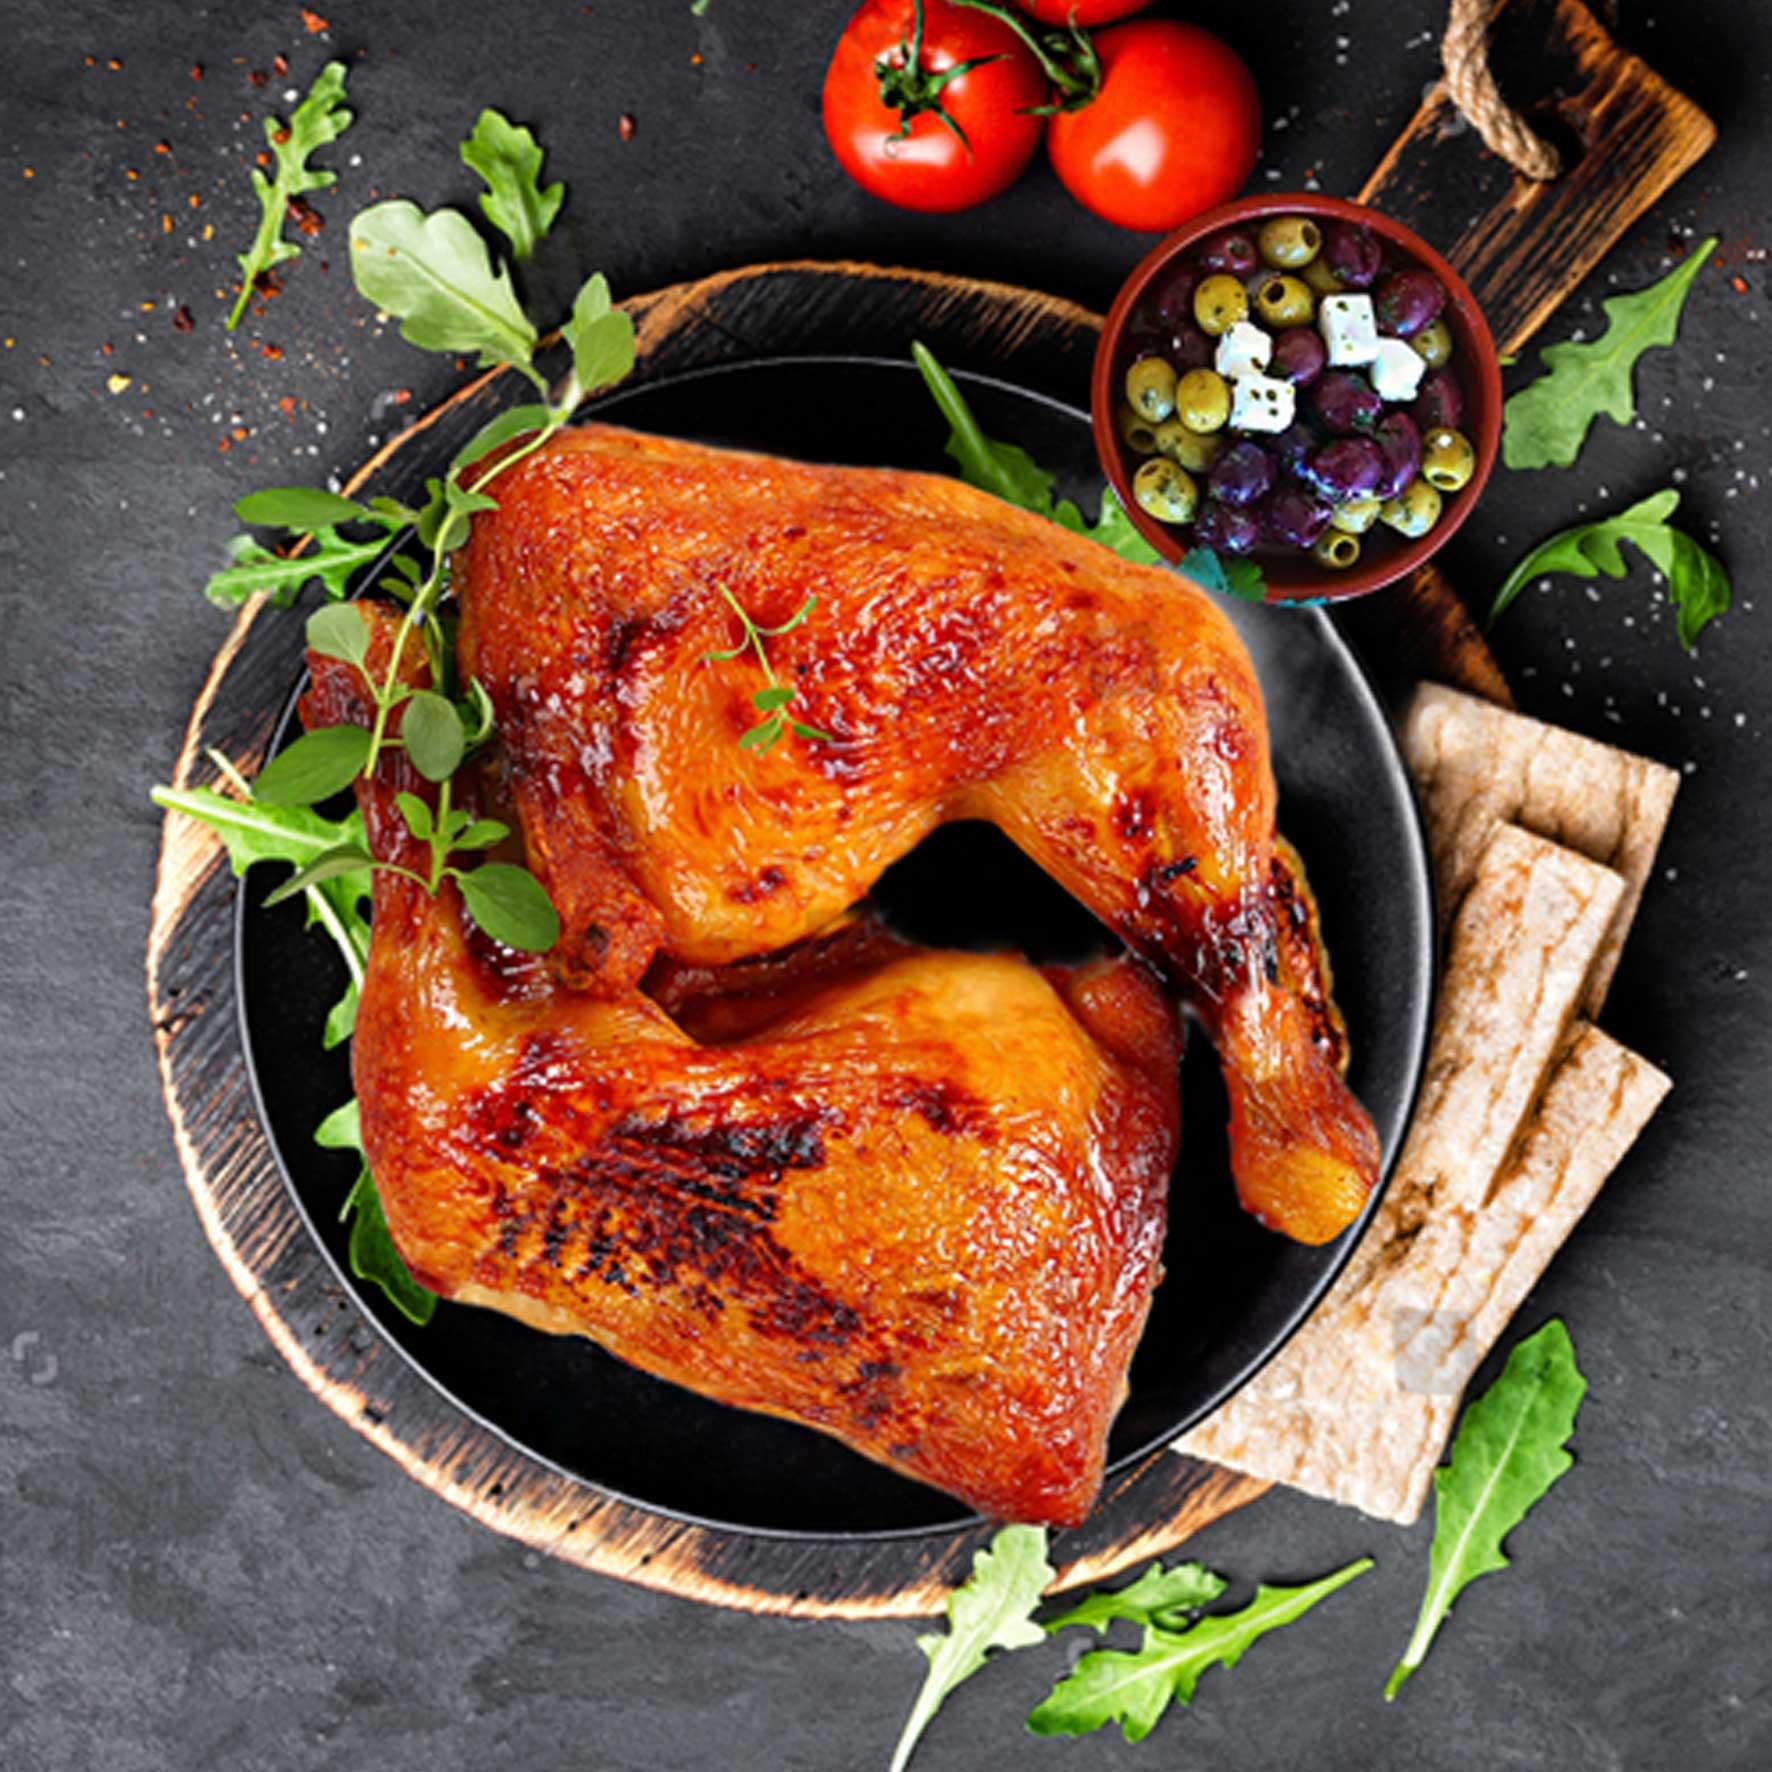 ران مرغ بریانی ترکی